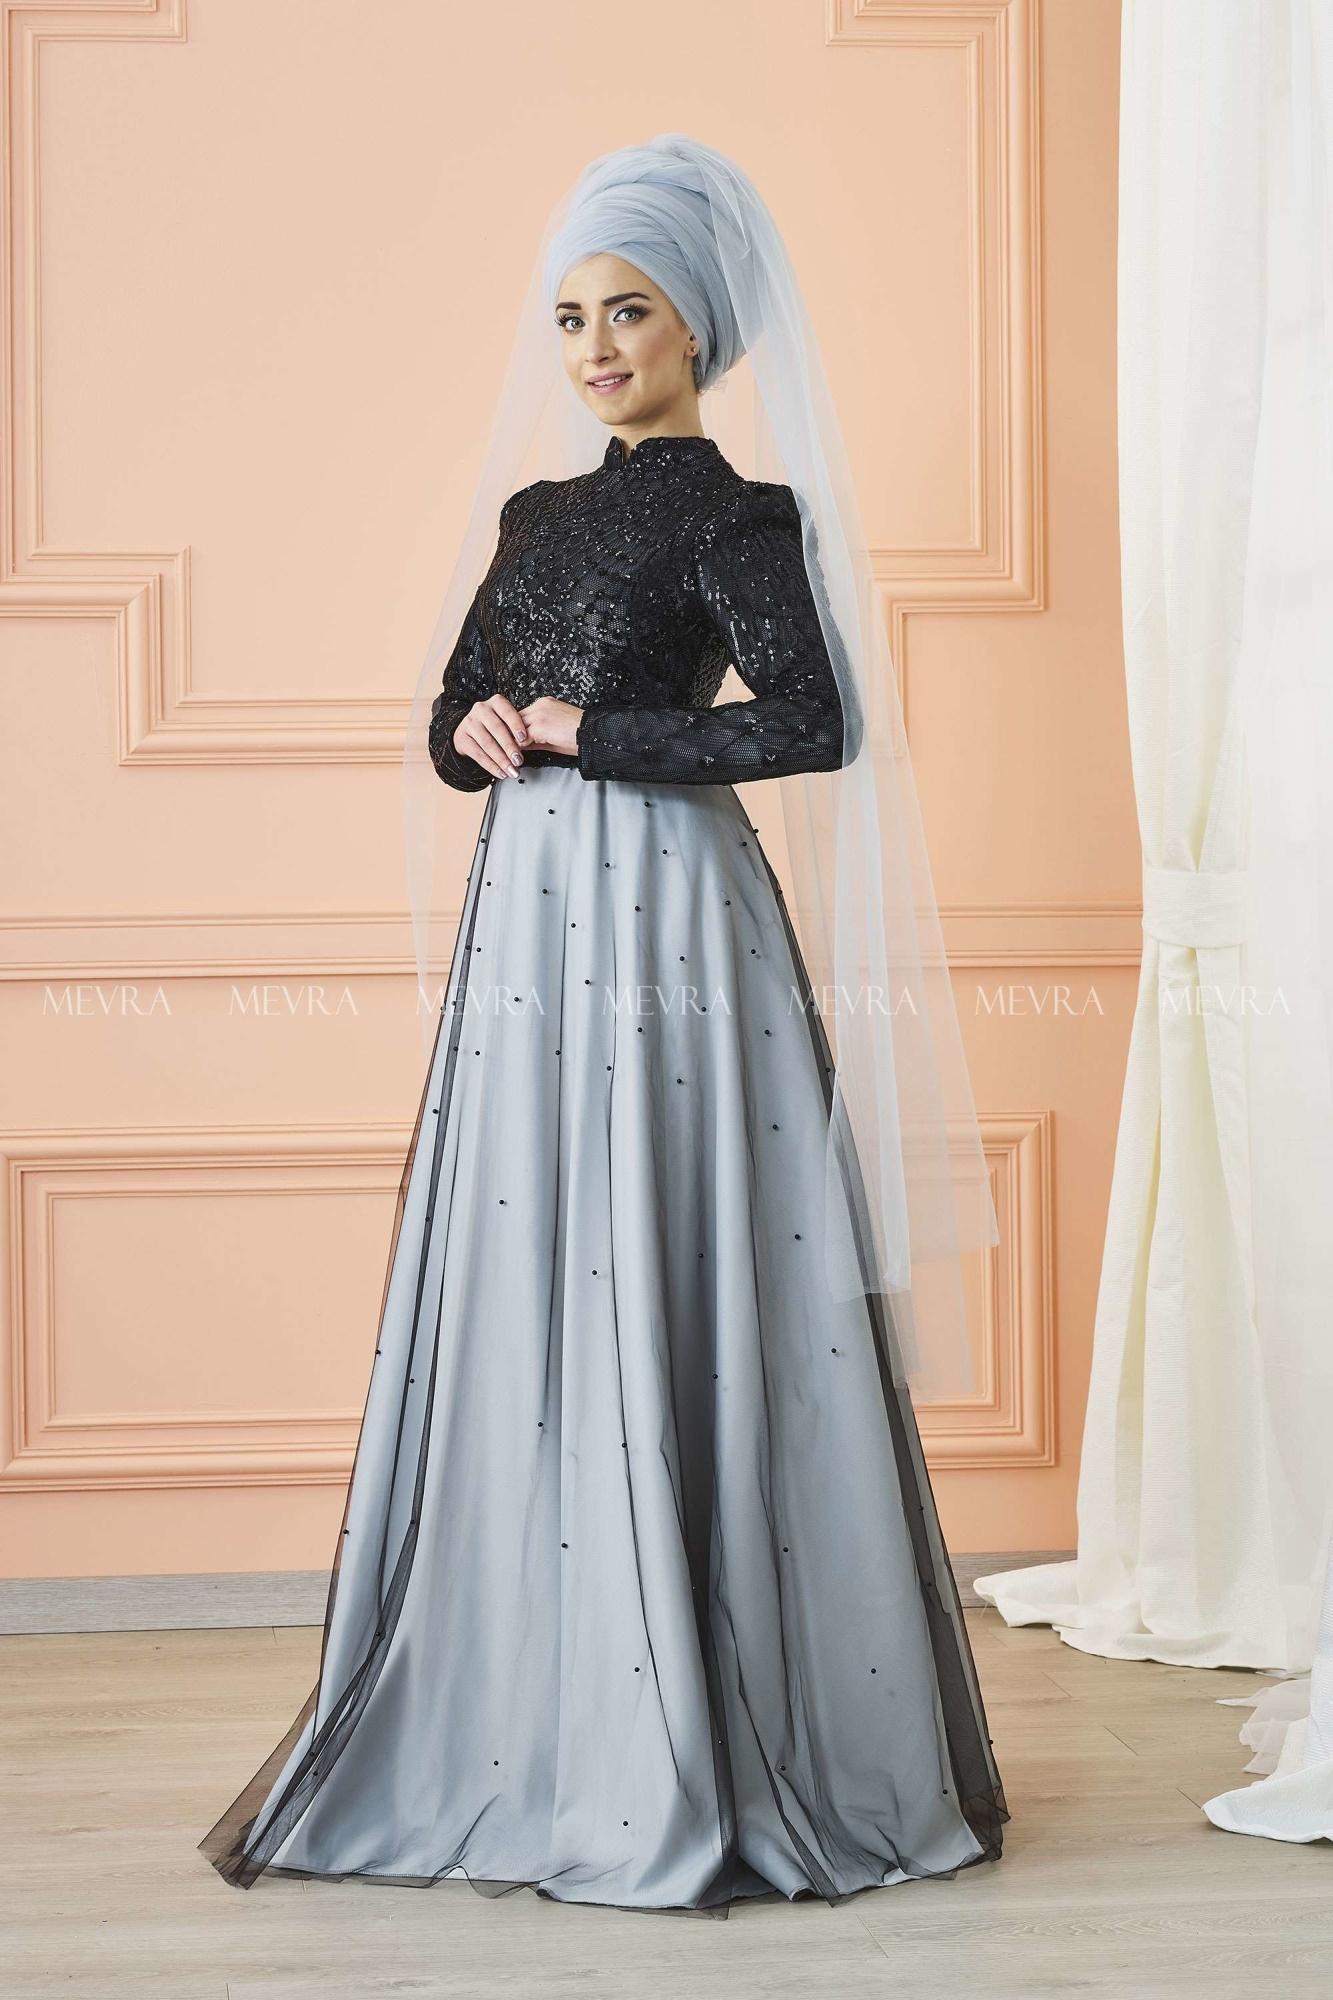 Mevra - Canay Abiye Elbise Siyah Gümüş